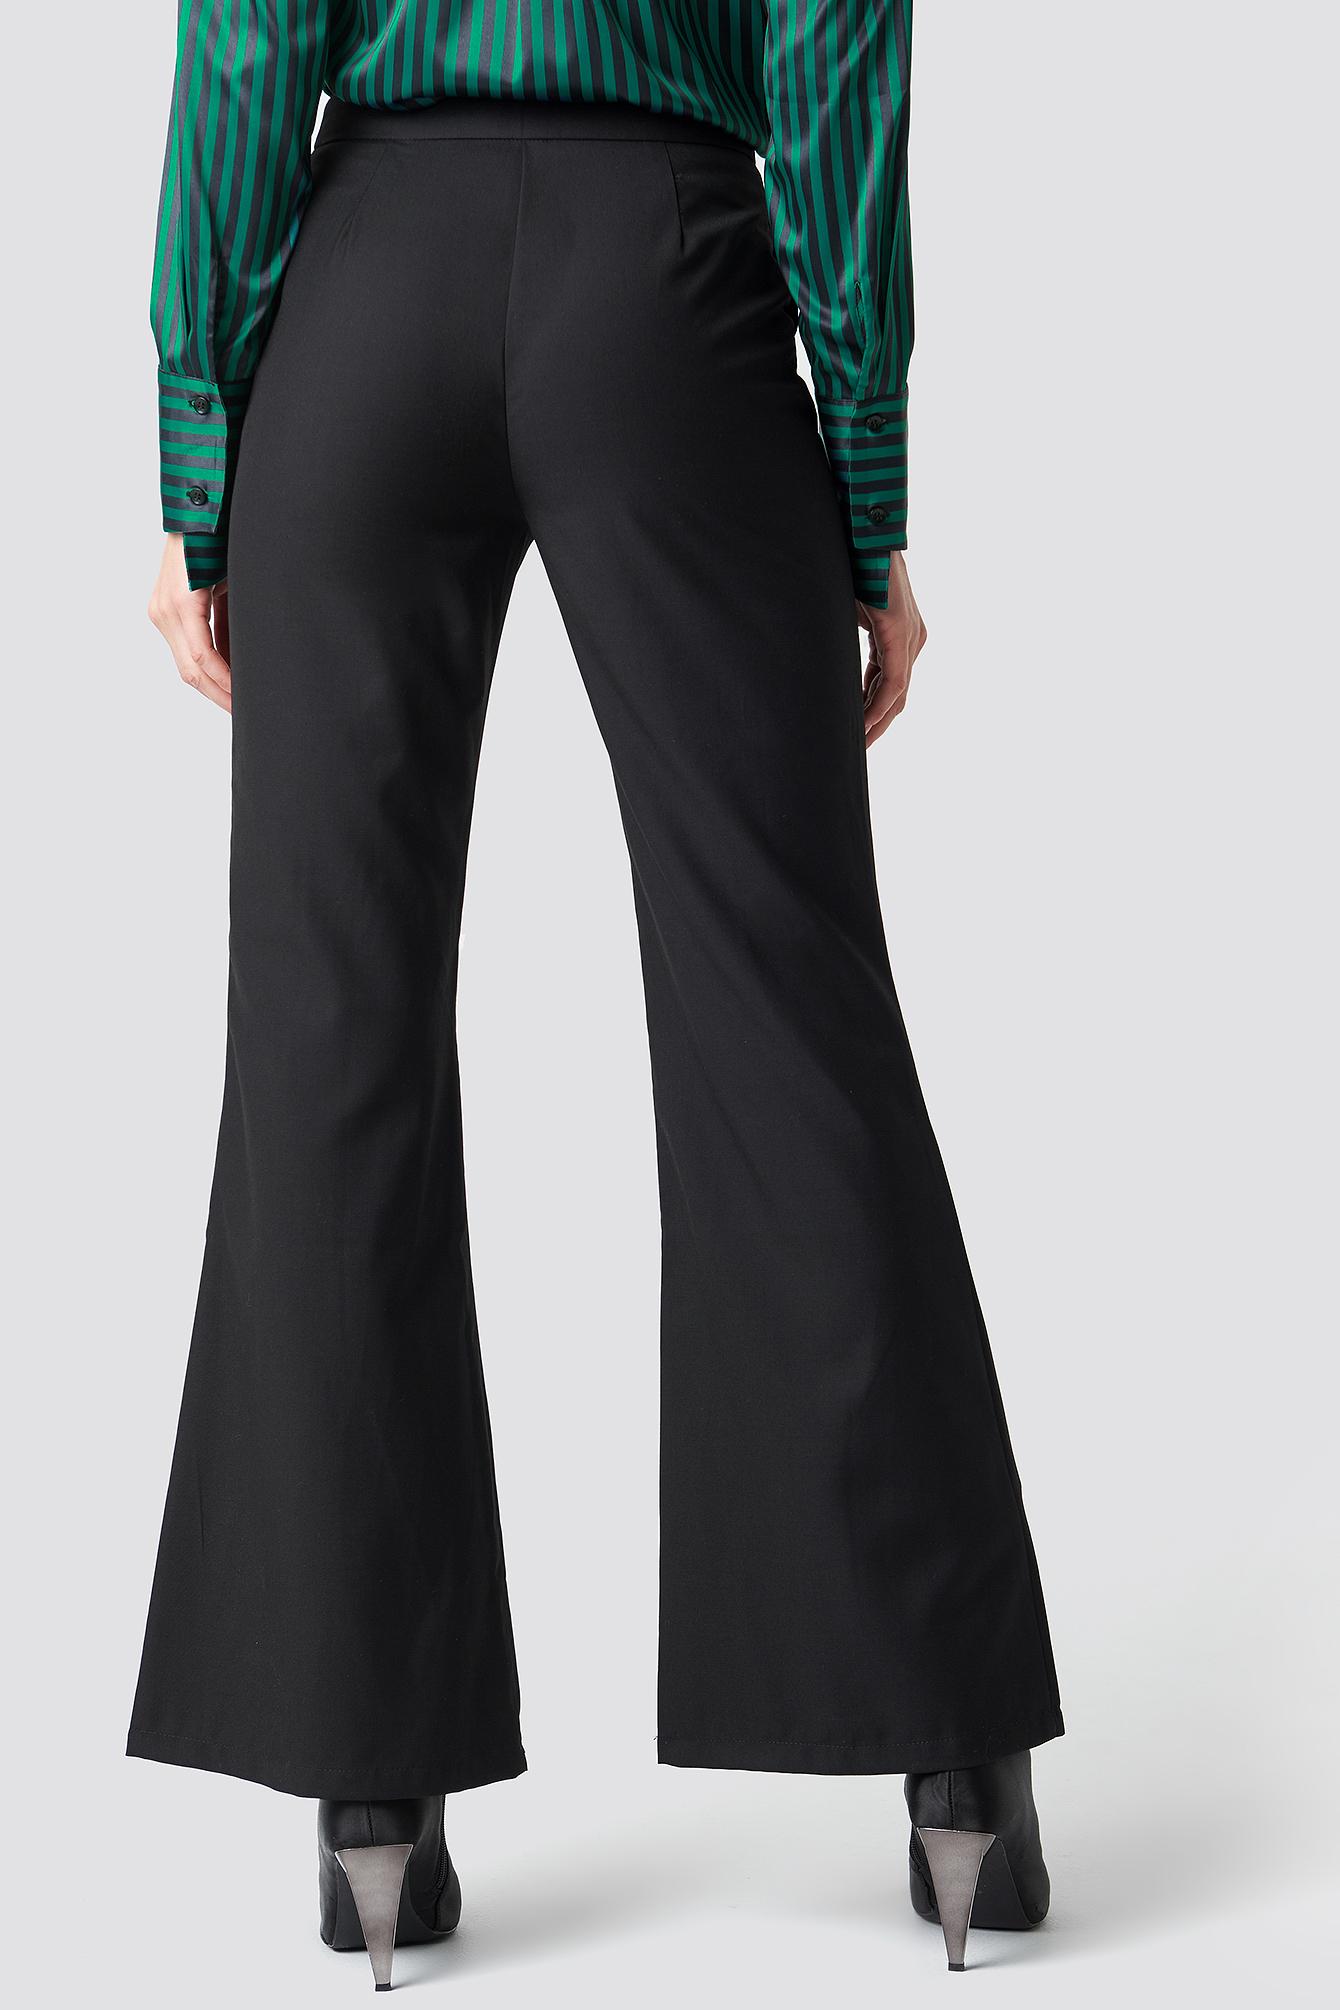 Spodnie z szerokimi nogawkami NA-KD.COM